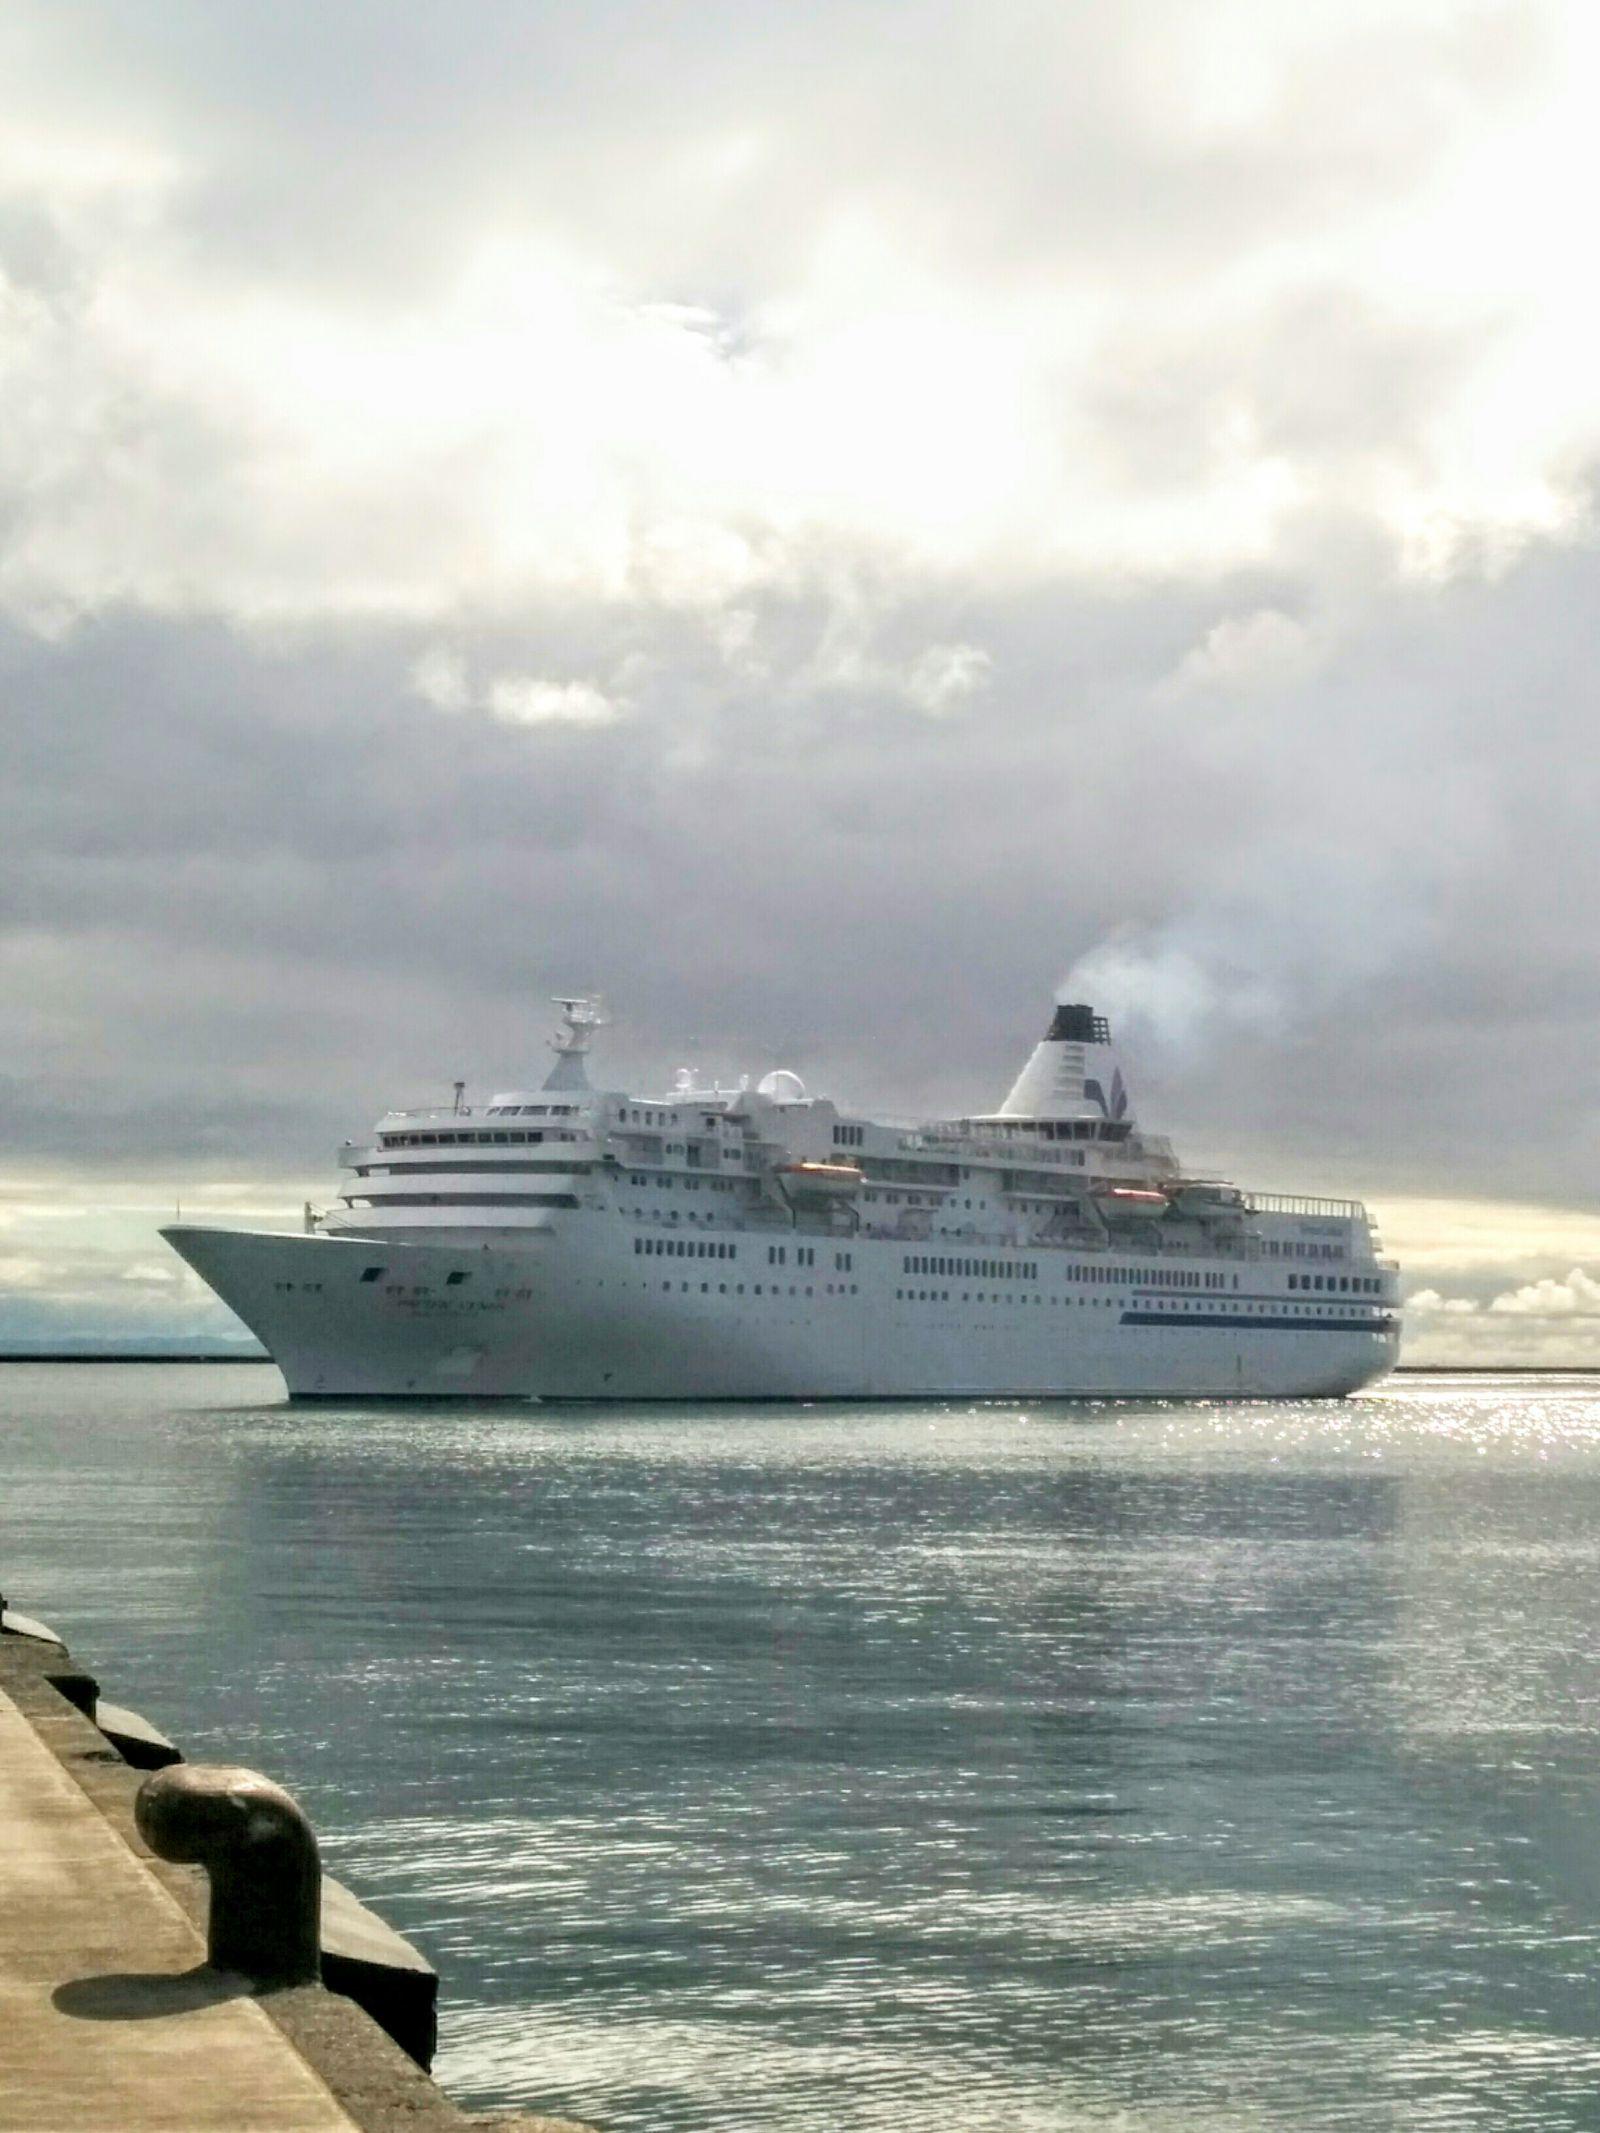 小樽港へ観光クルーズ船「ぱしふぃっくびいなす」入港です。